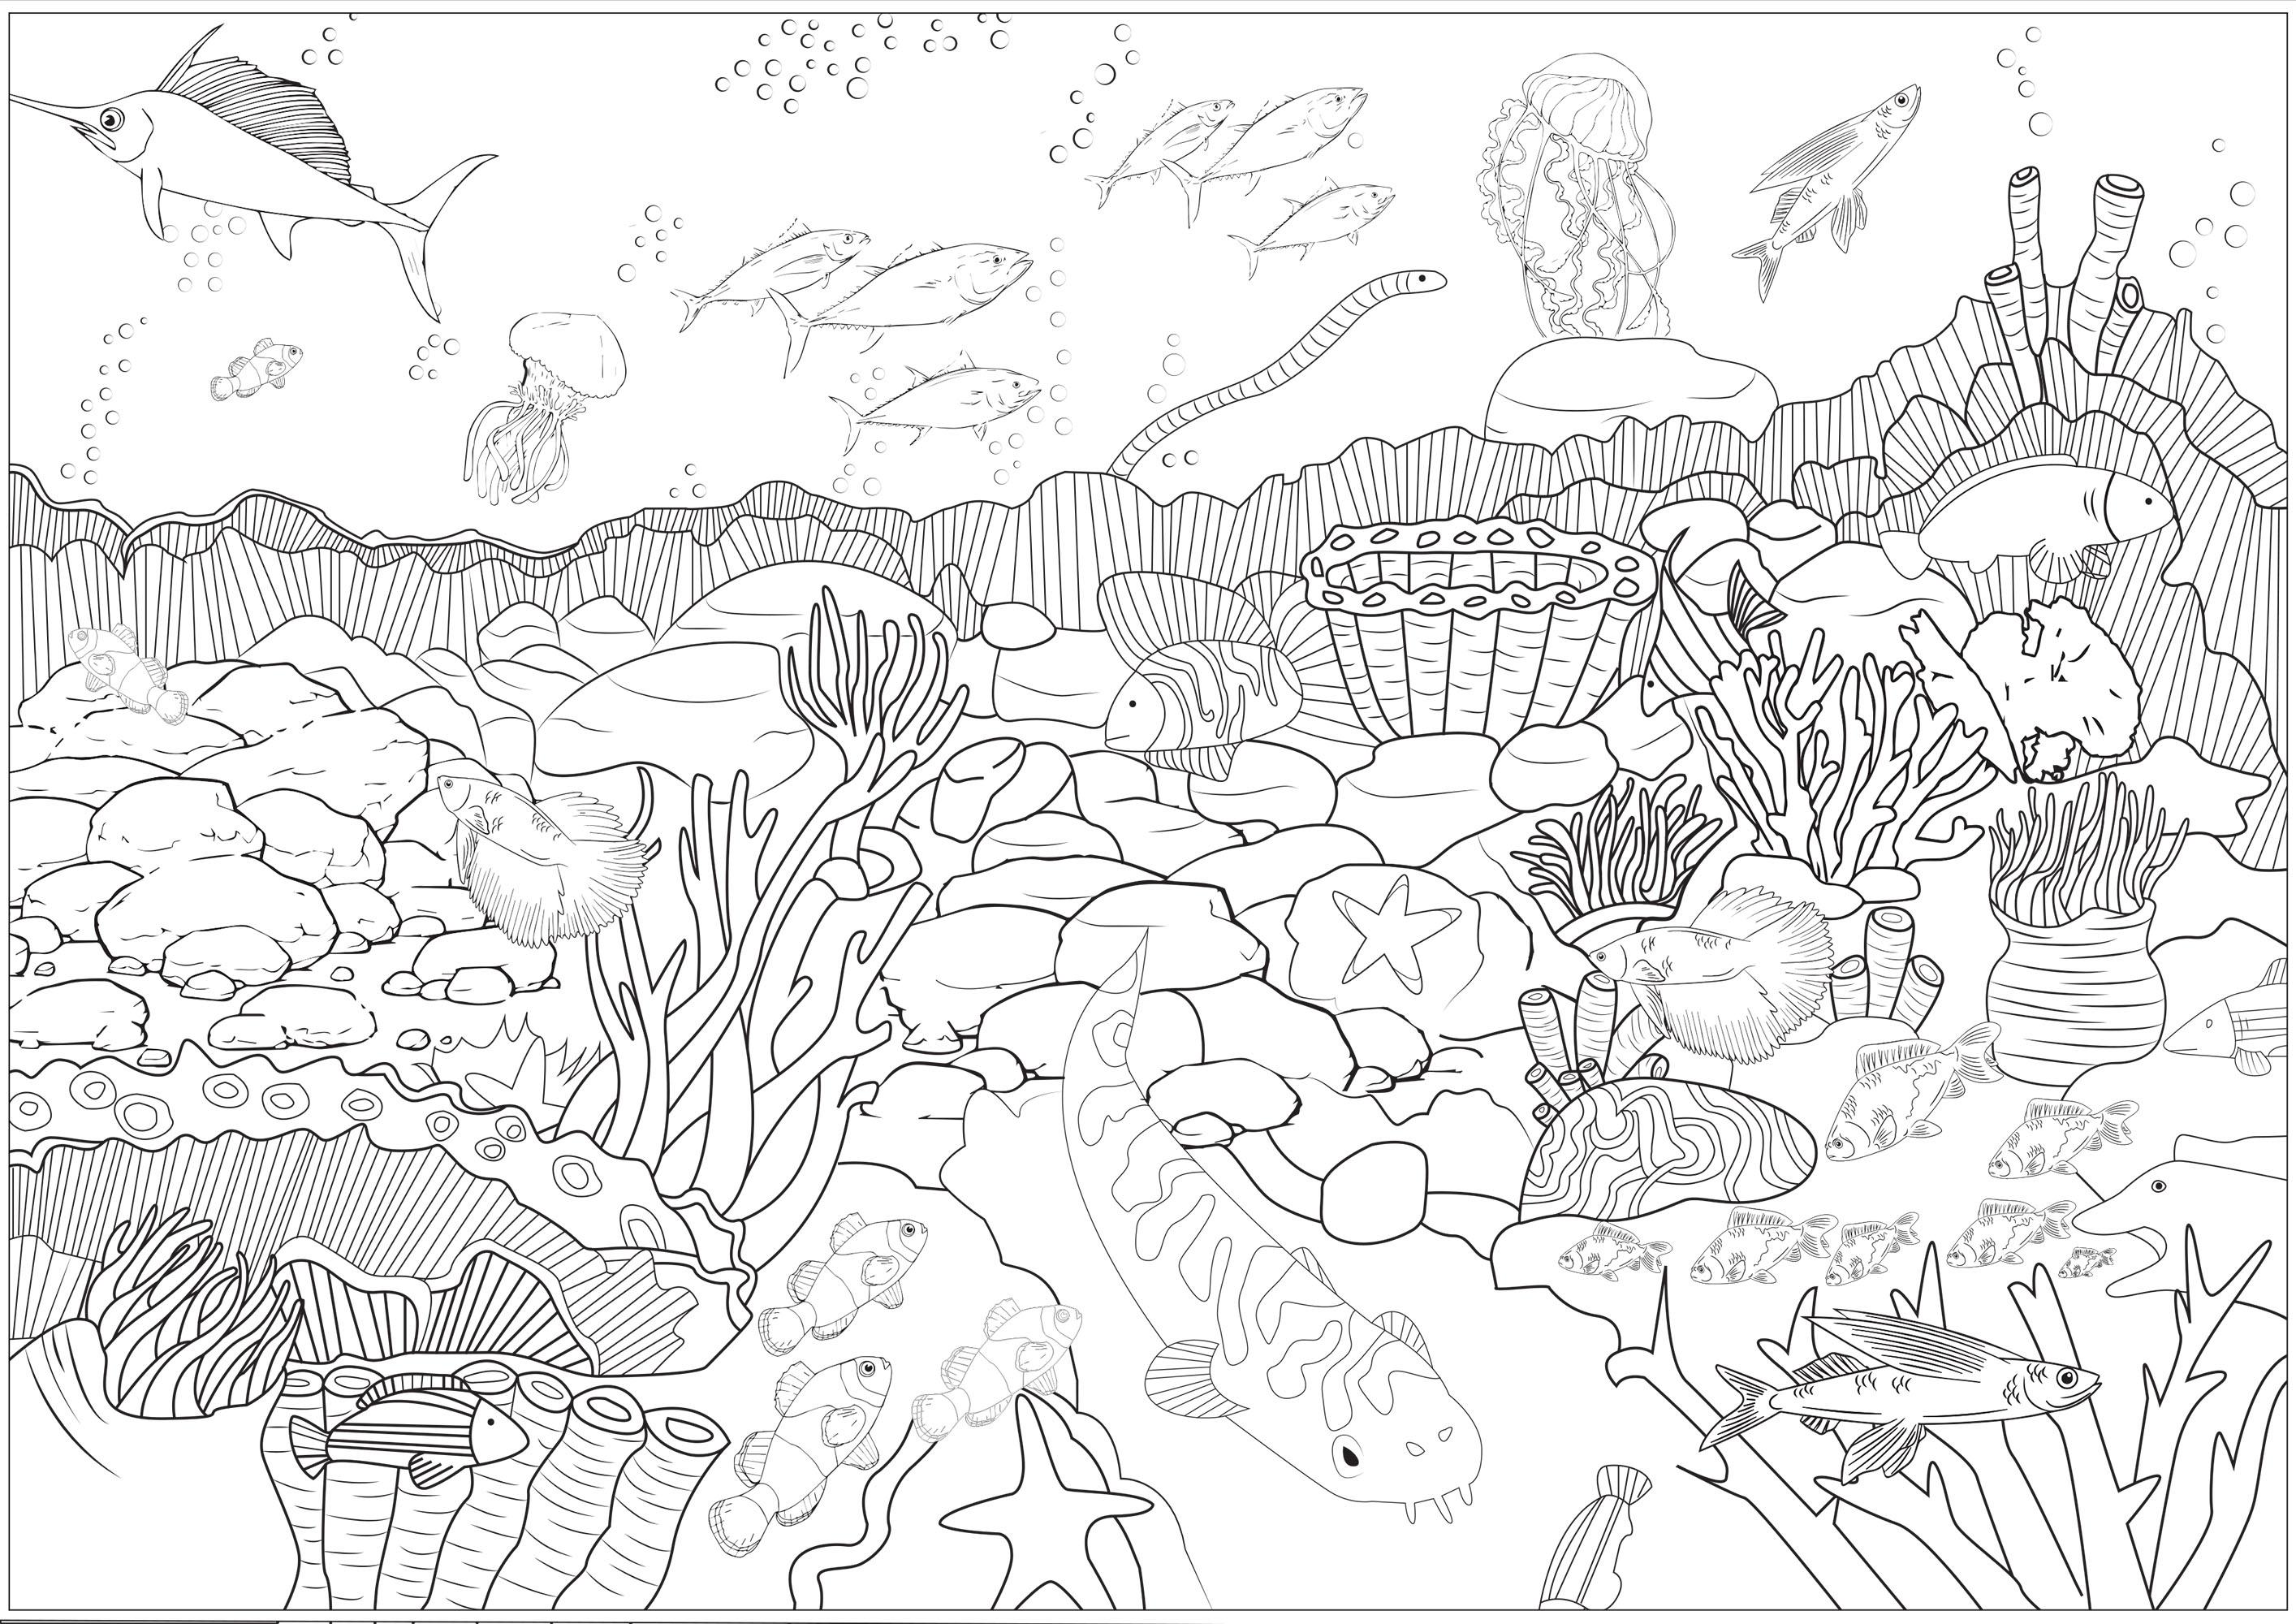 Disegni da Colorare per Adulti : Water worlds - 1